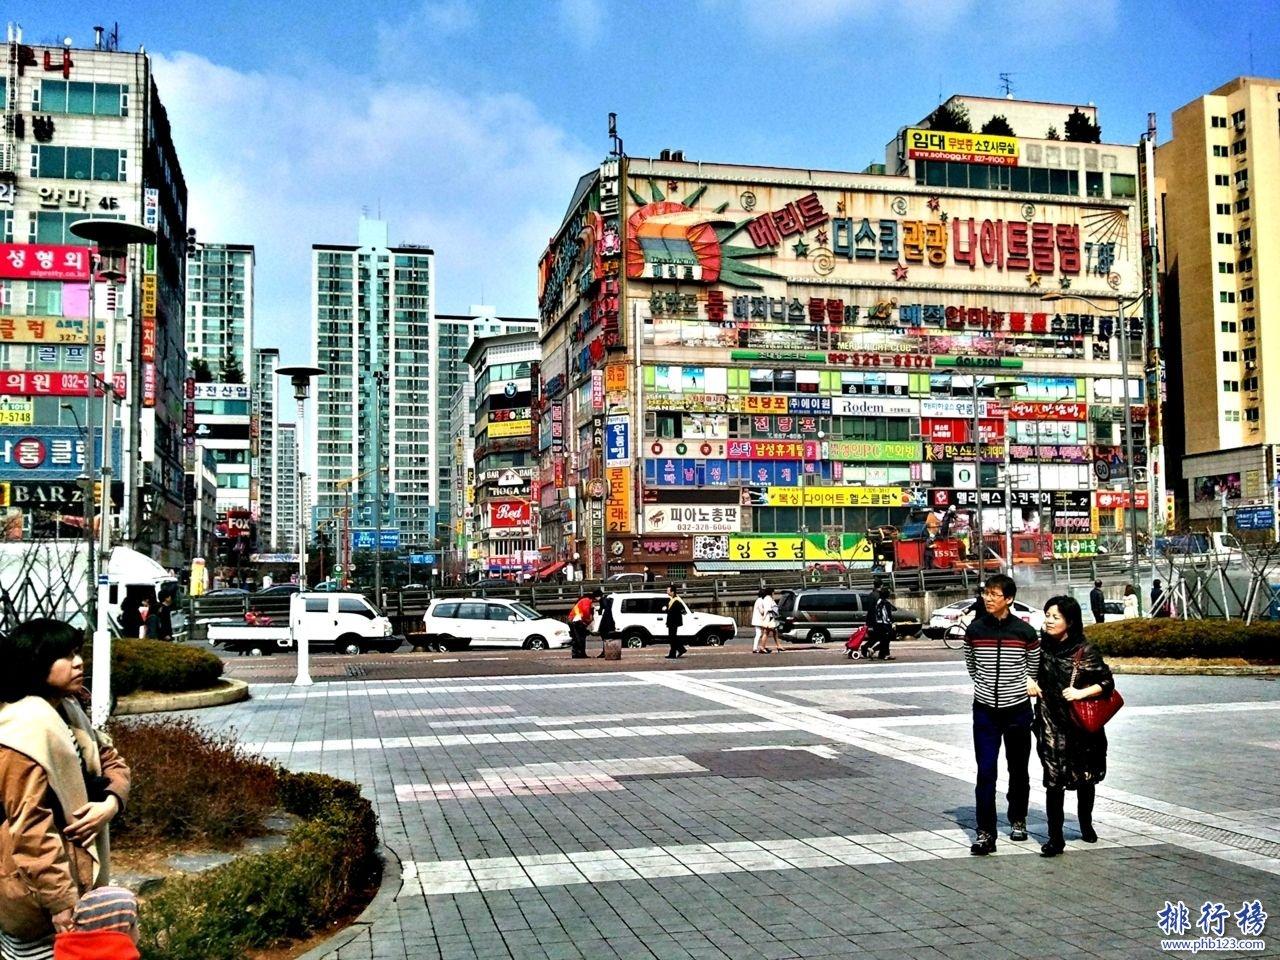 韓國十大城市排名:韓國最大的城市首爾釜山第二